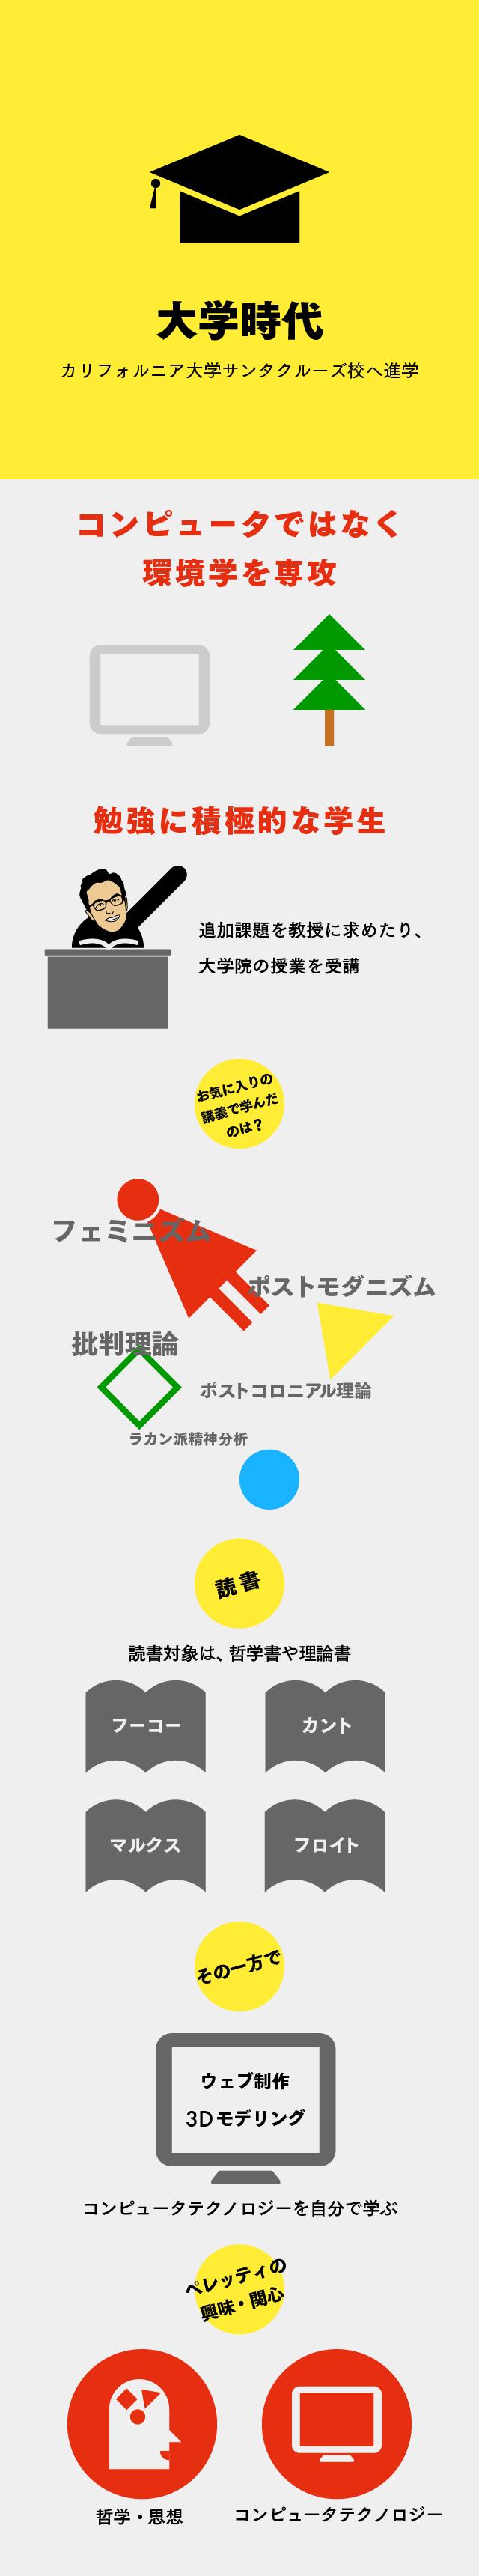 【マスター】バズフィード創業者ストーリー_20150831-02